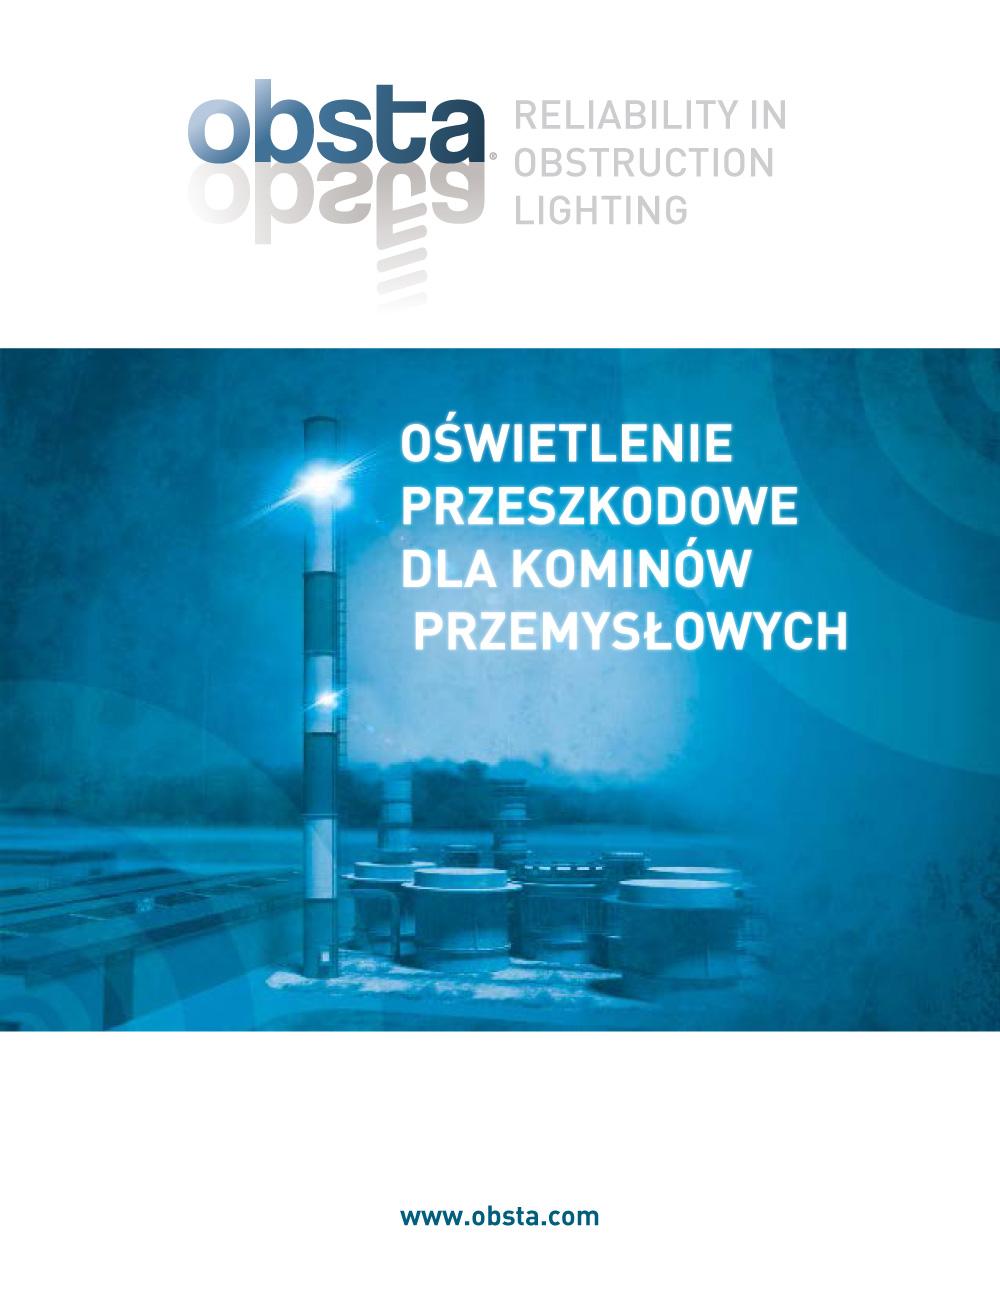 OBSTA-oswietlenie-przeszkodowe-dla-kominow-przemyslowych-okladka